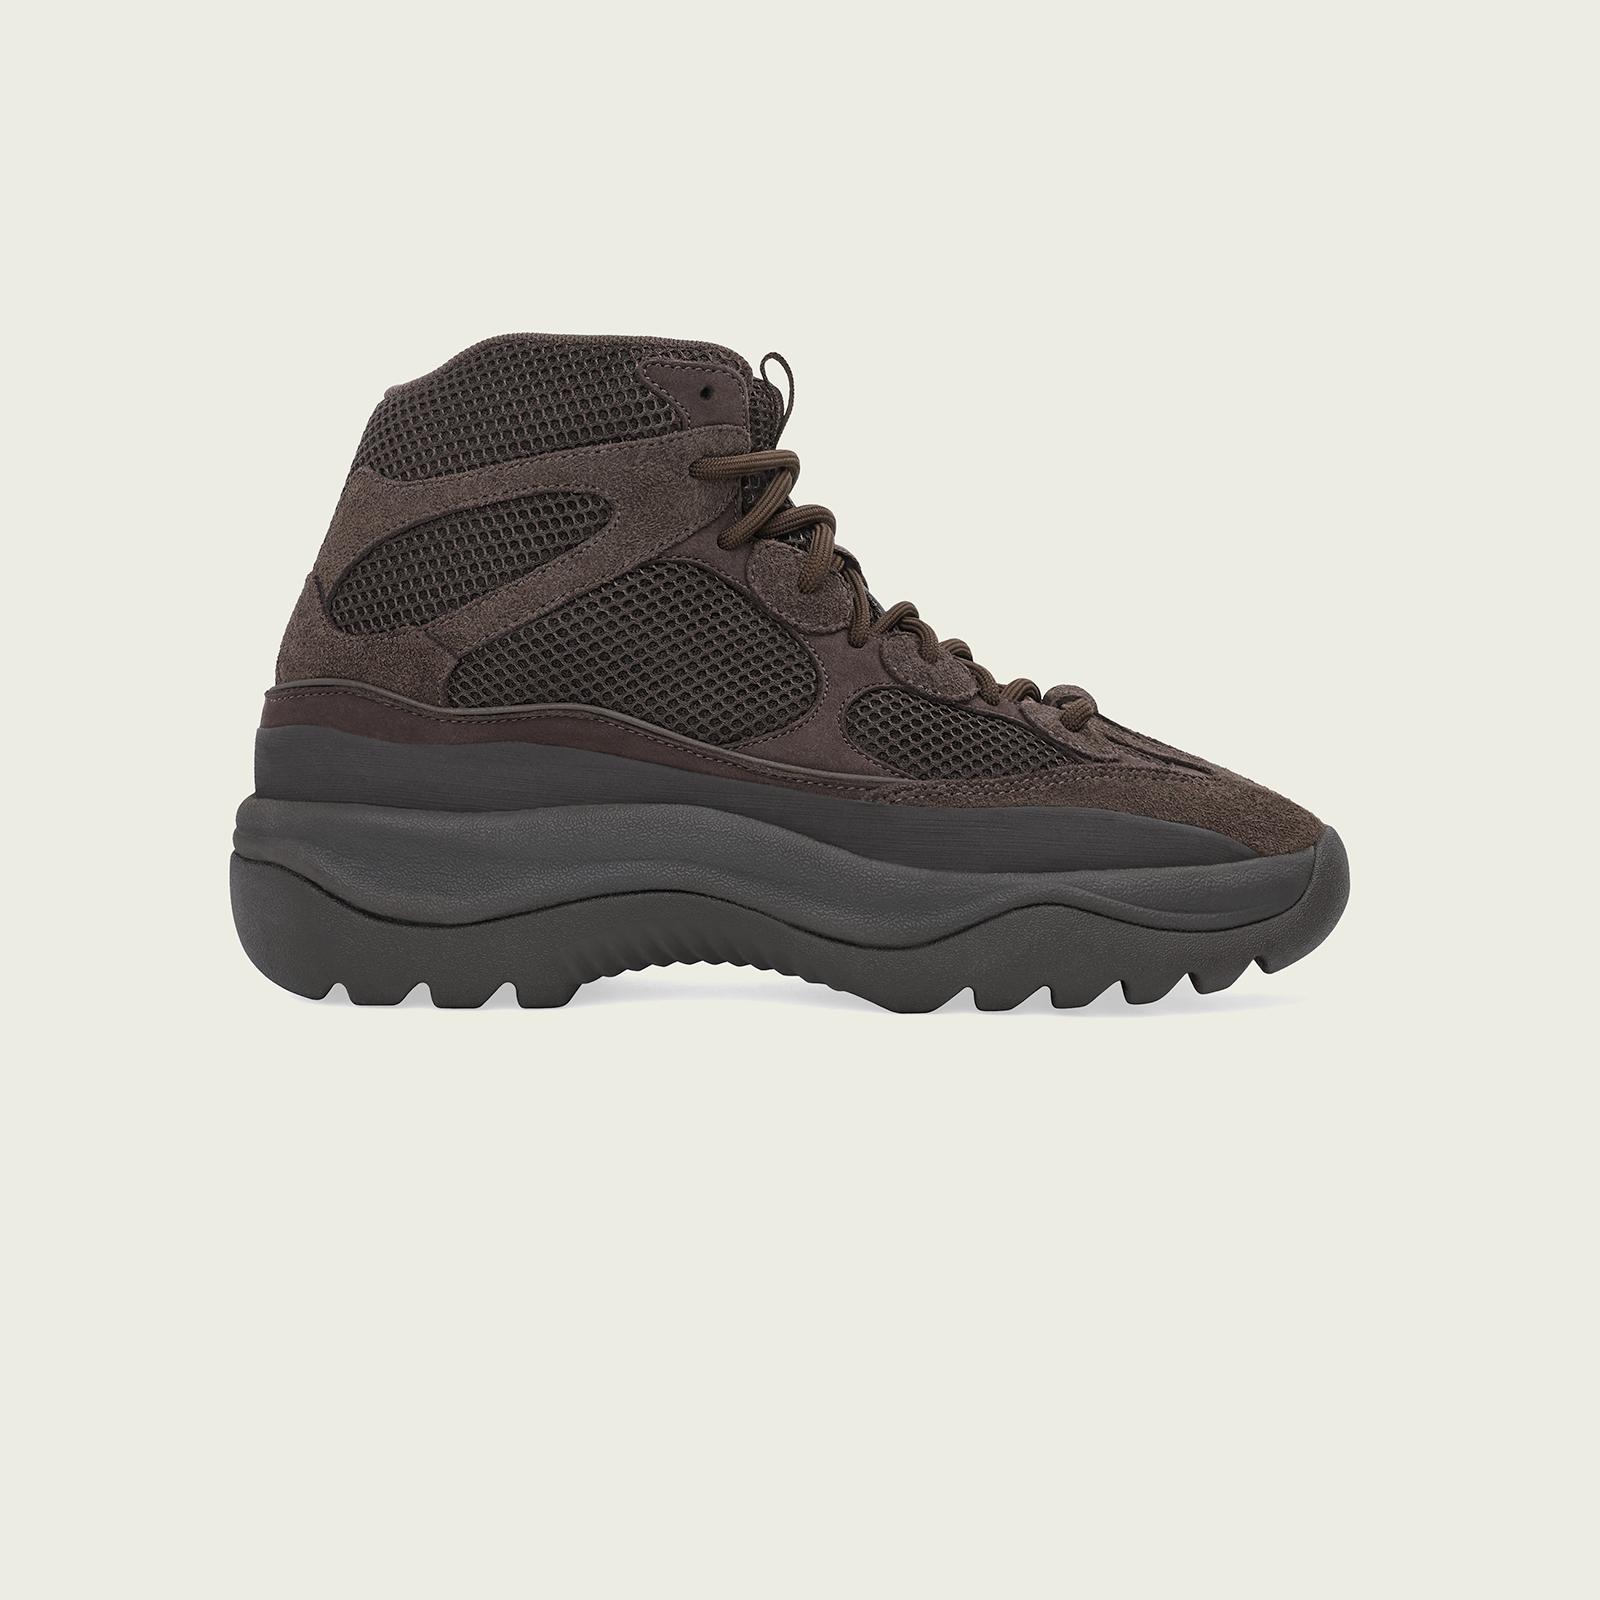 02-adidas-yeezy-desert-boot-oil-eg6463